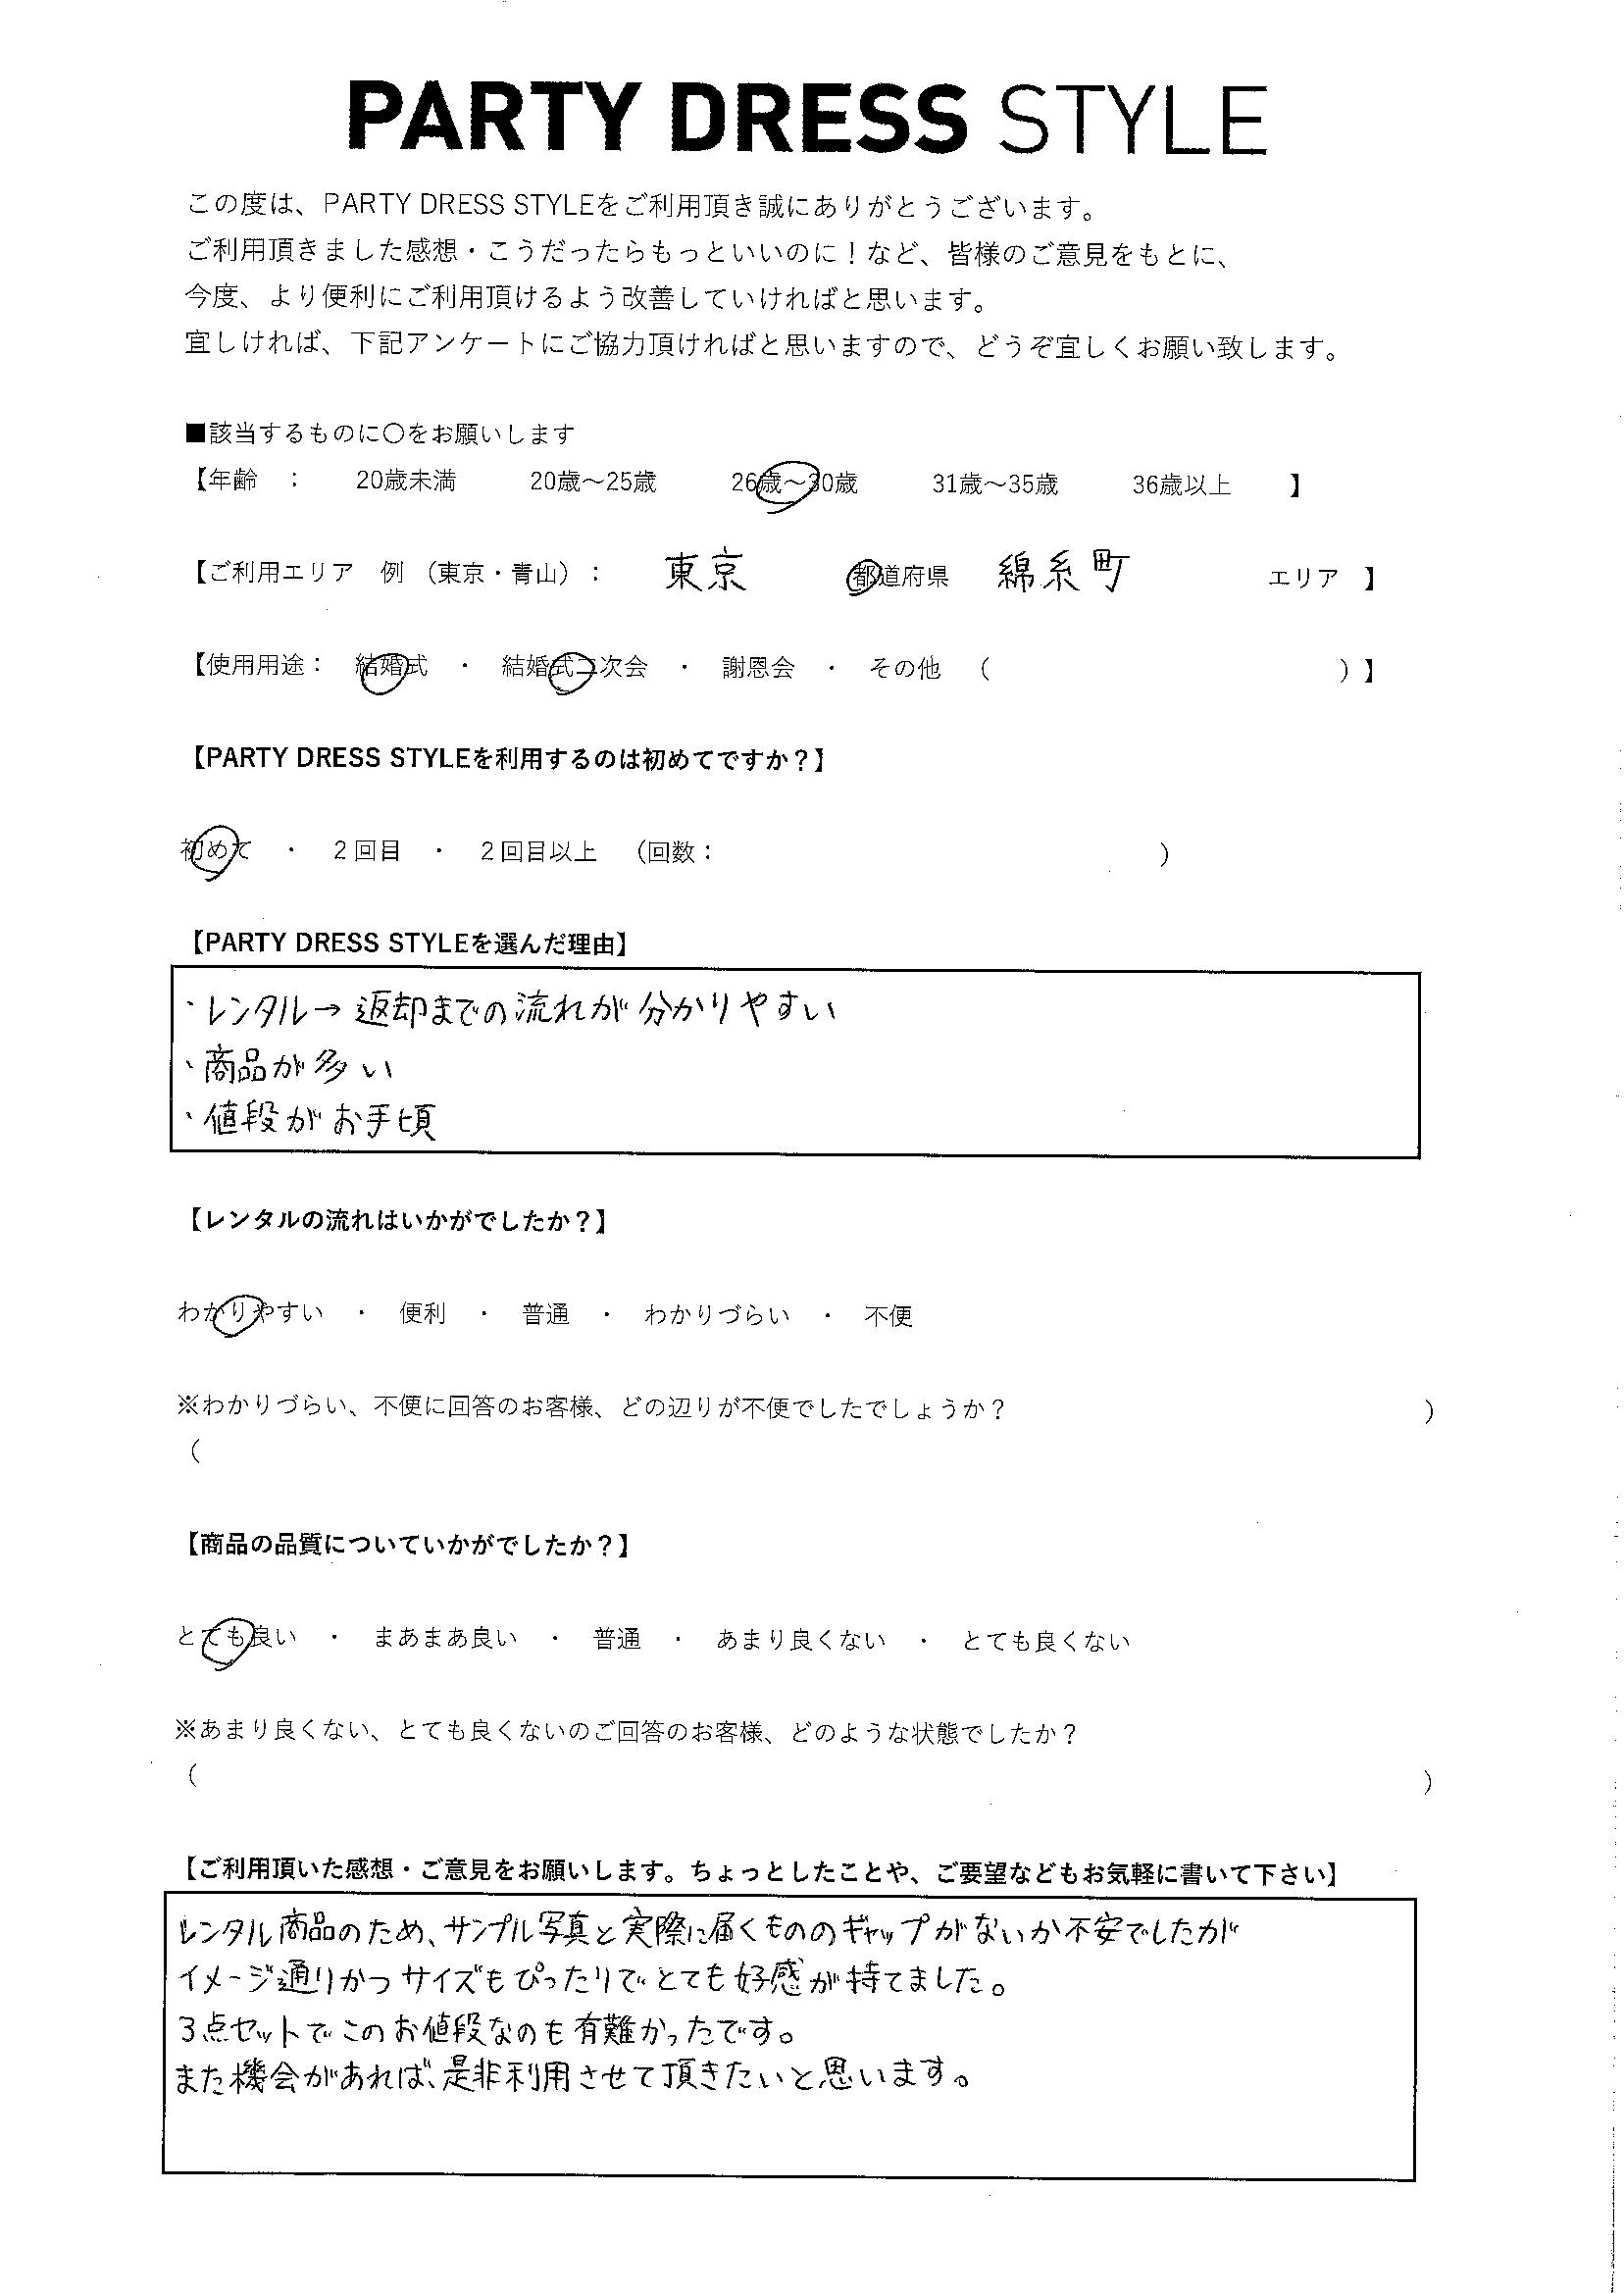 9/28結婚式・二次会 東京都・錦糸町エリア